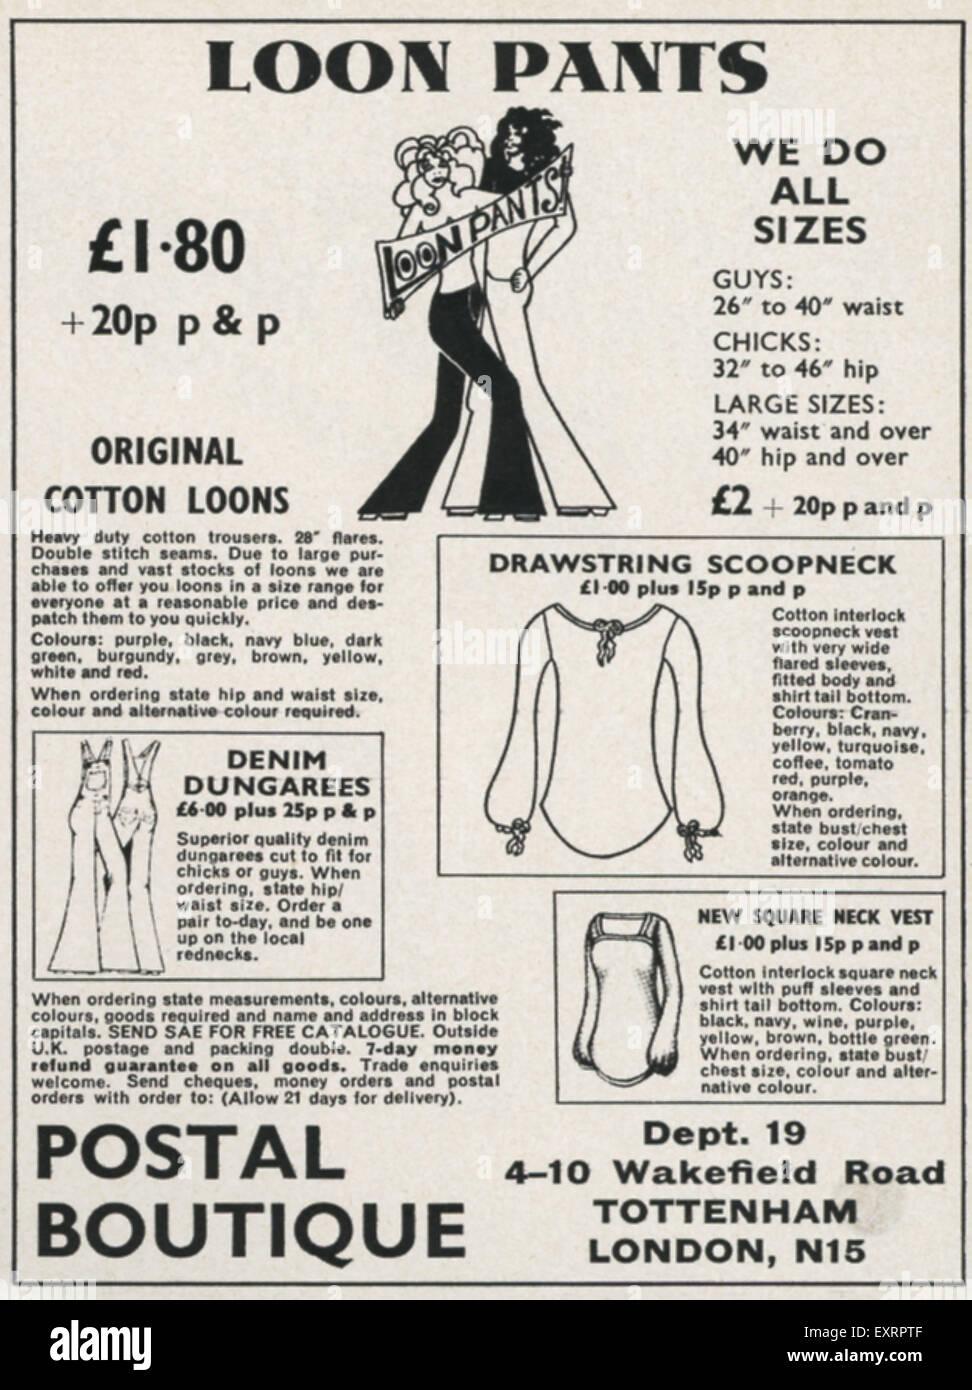 1960s UK Postal Boutique Magazine Advert - Stock Image